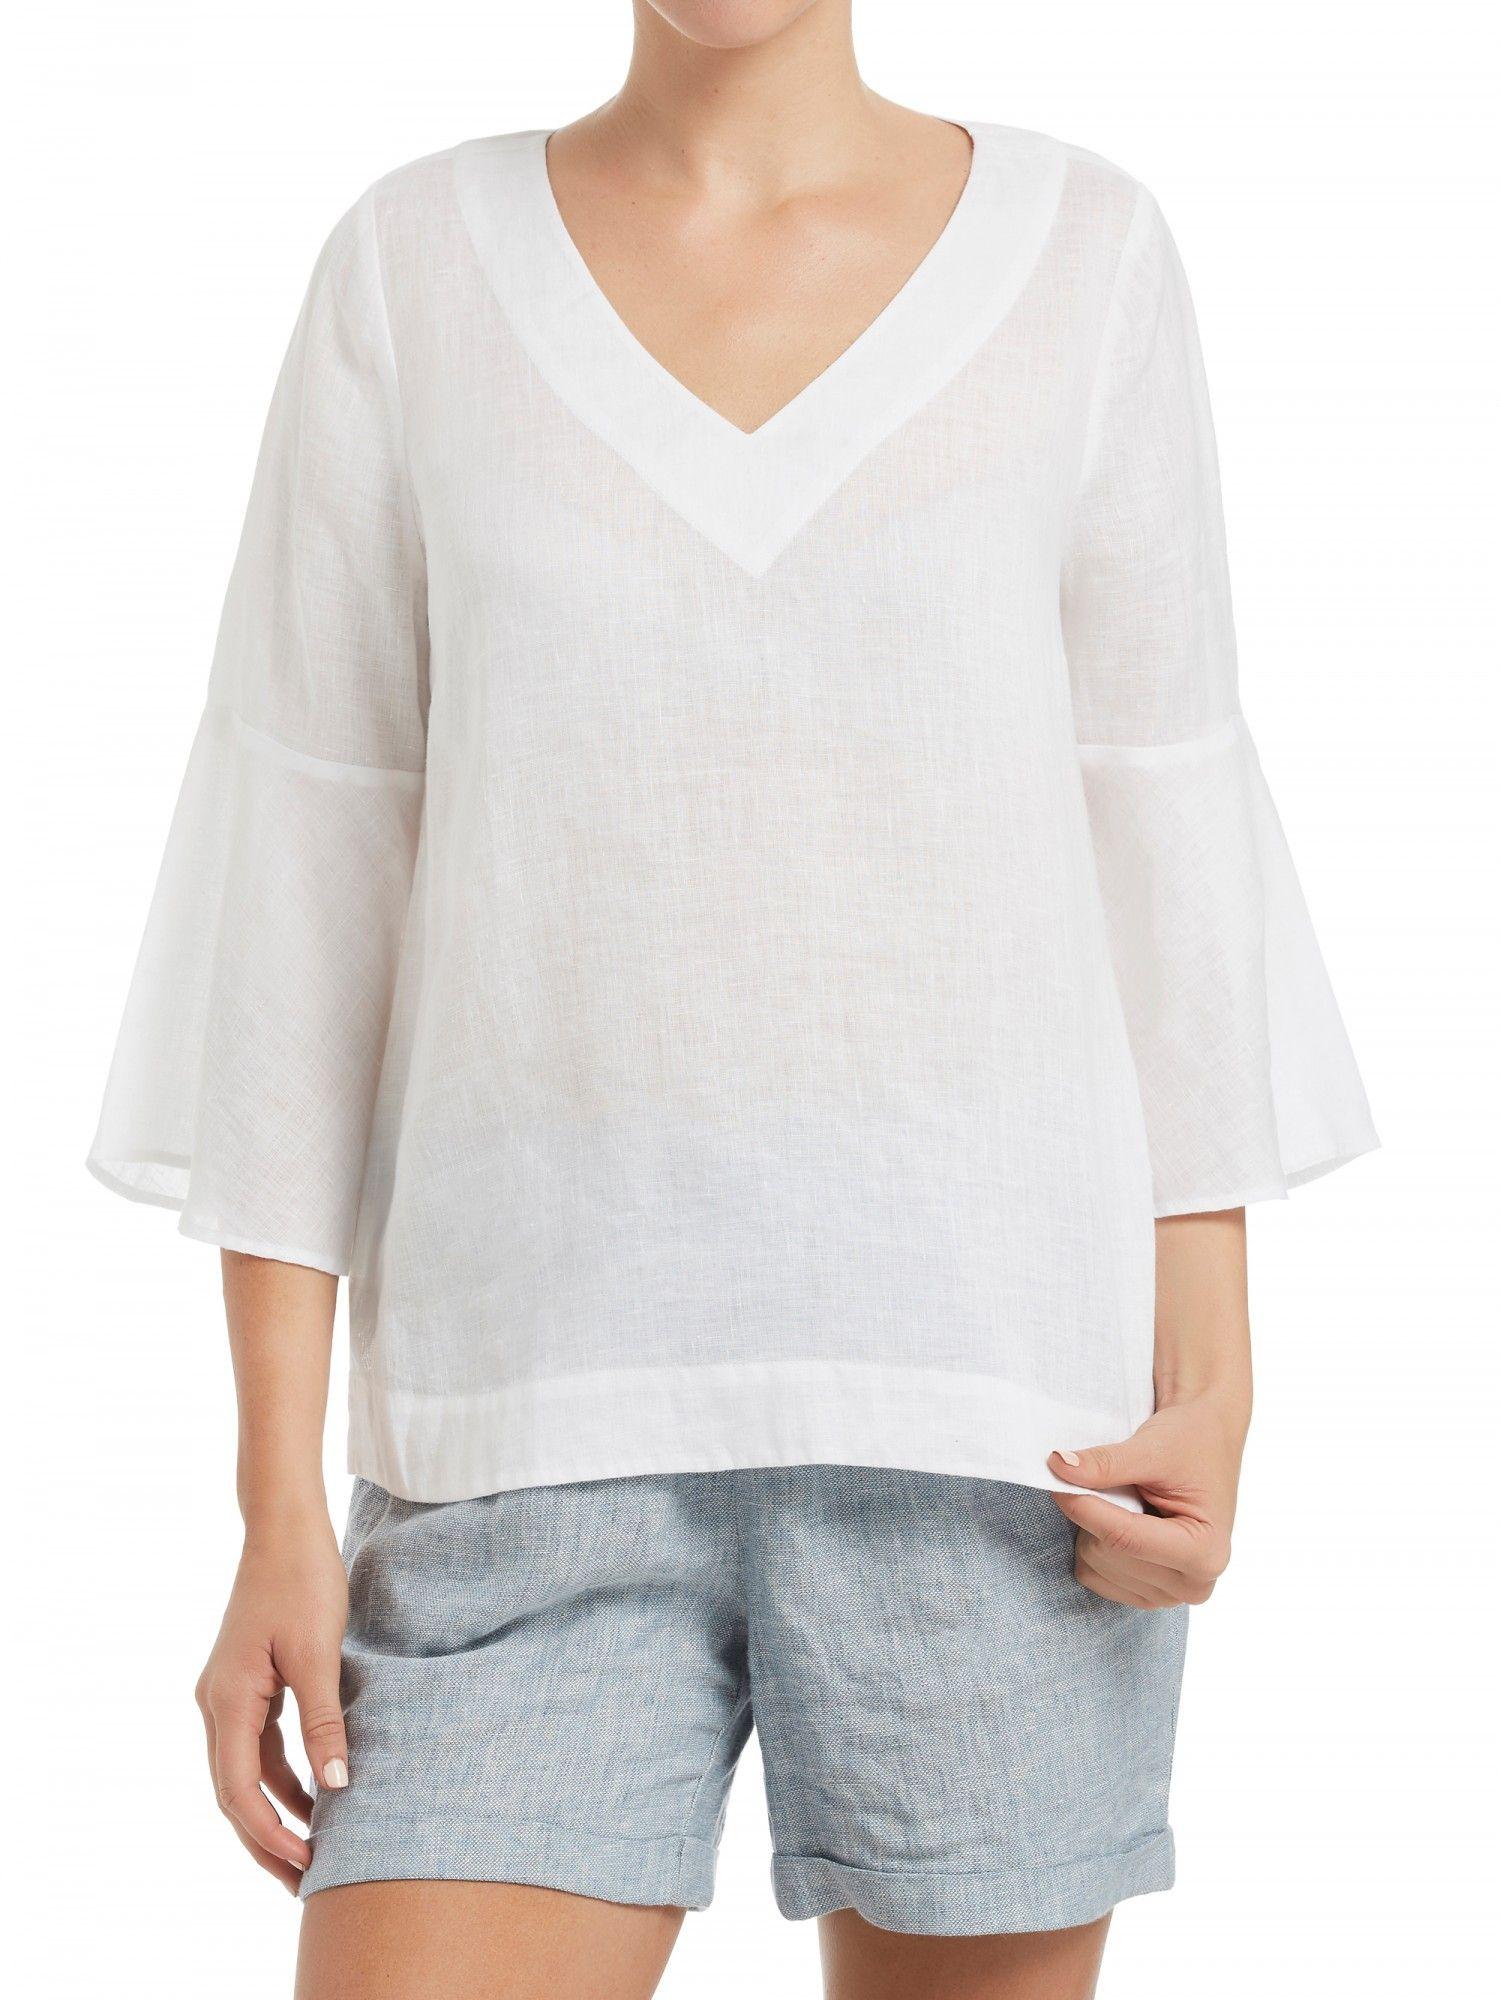 a2221887c0d3a Linen Bell Sleeve Top